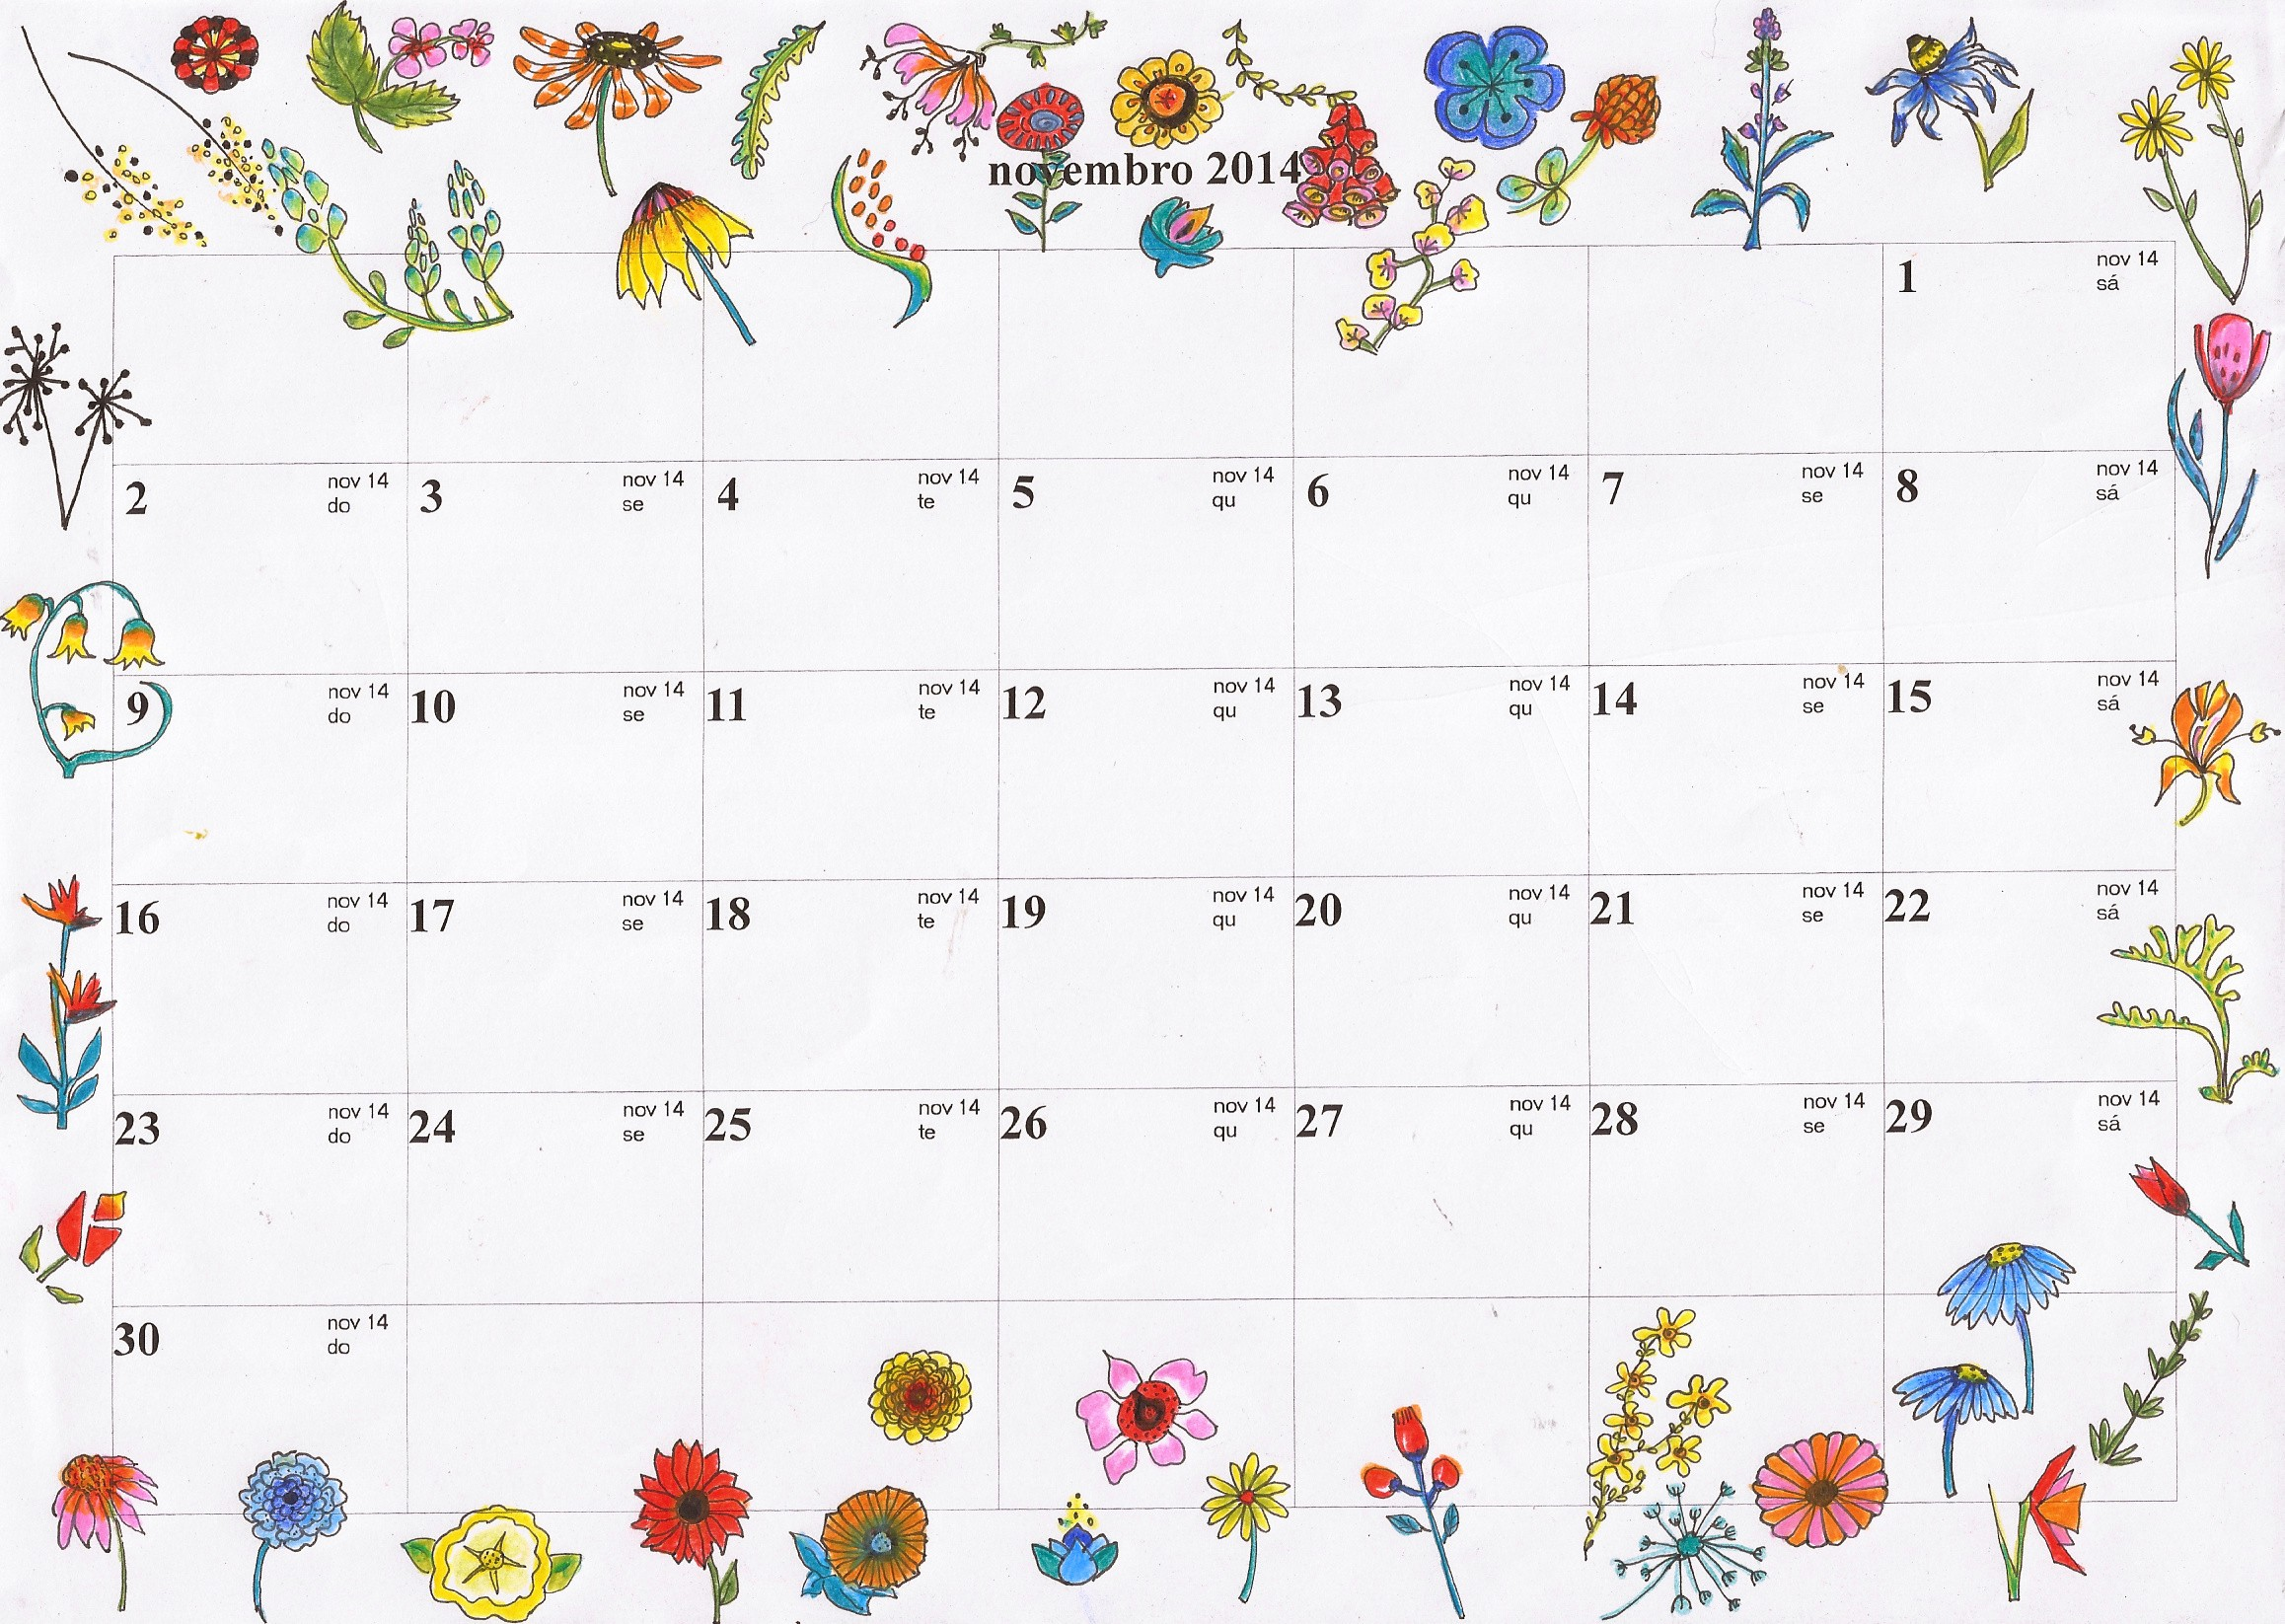 Calendário 2019 Com Feriados Word Mejores Y Más Novedosos Calendario Novembro 2018 Imprimir T Of Calendário 2019 Com Feriados Word Mejores Y Más Novedosos Calendario Octubre 2018 Colombia T